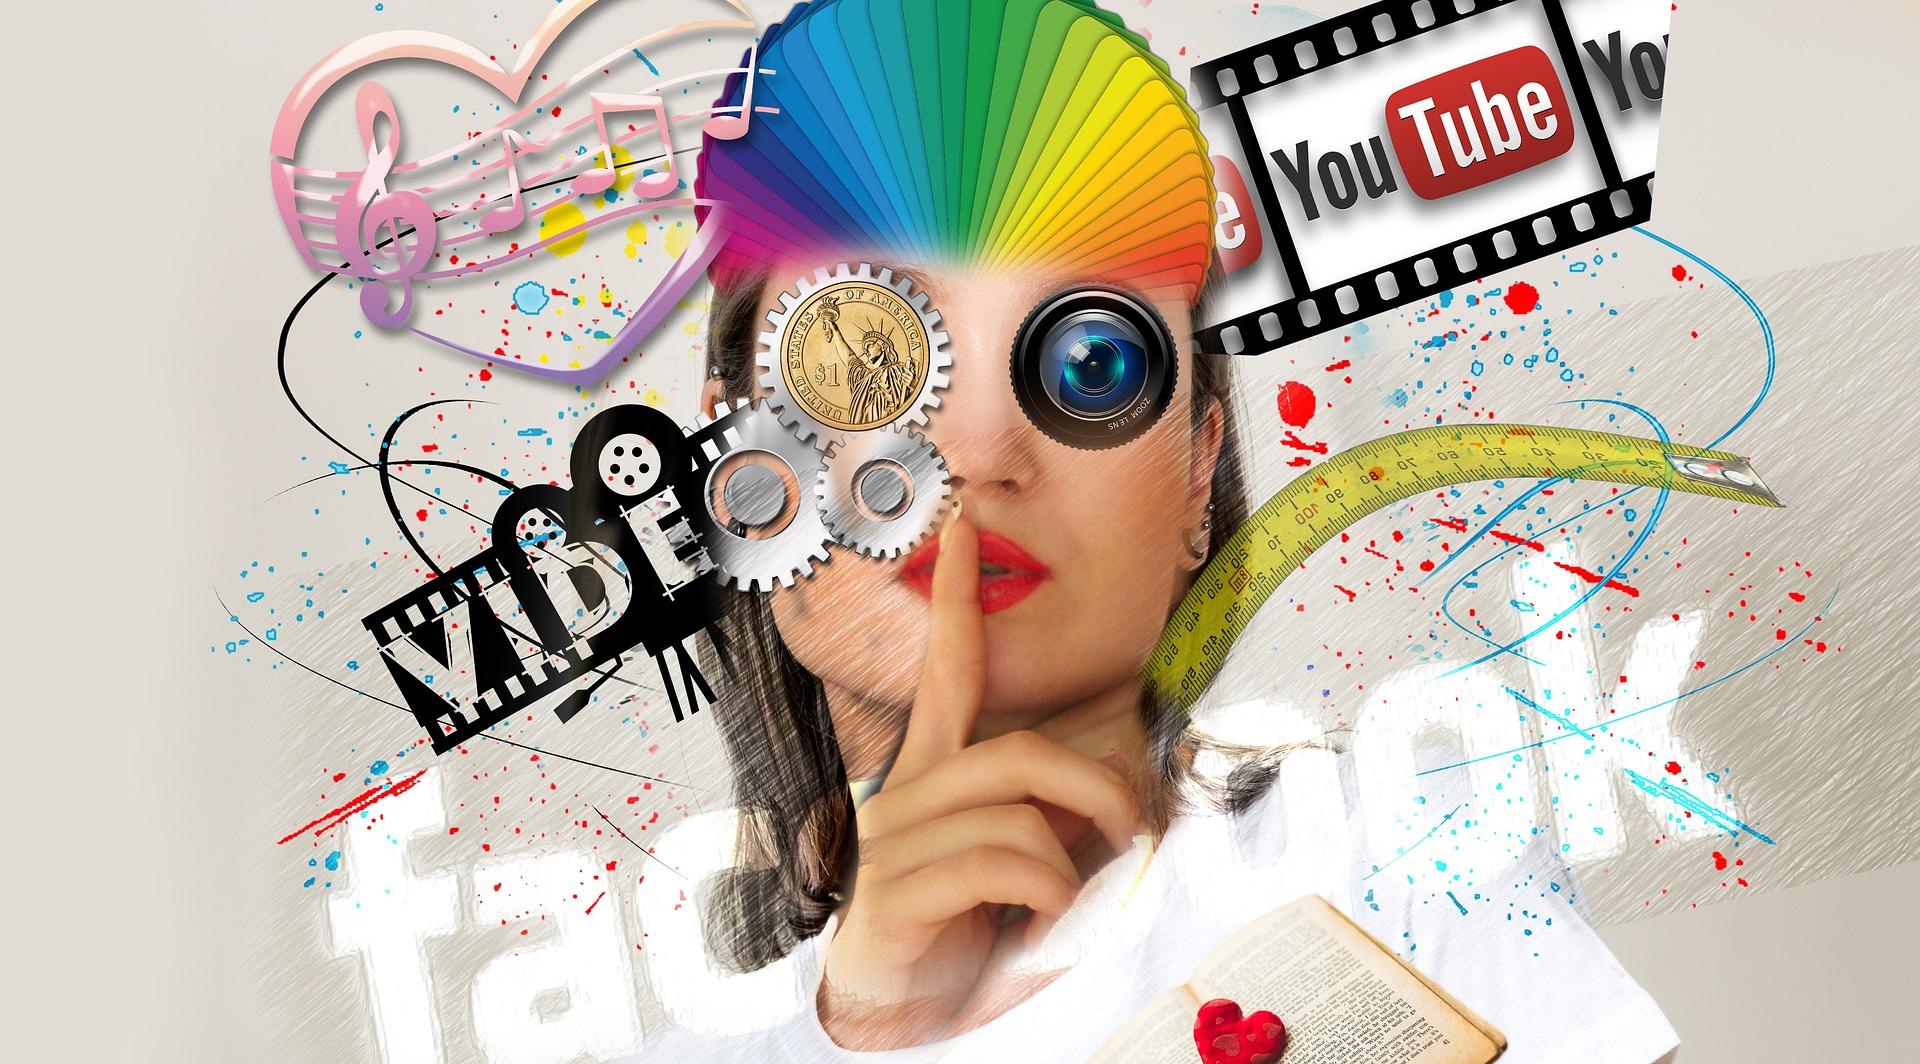 Czym są banery reklamowe i jaki jest cel ich wykorzystywania?